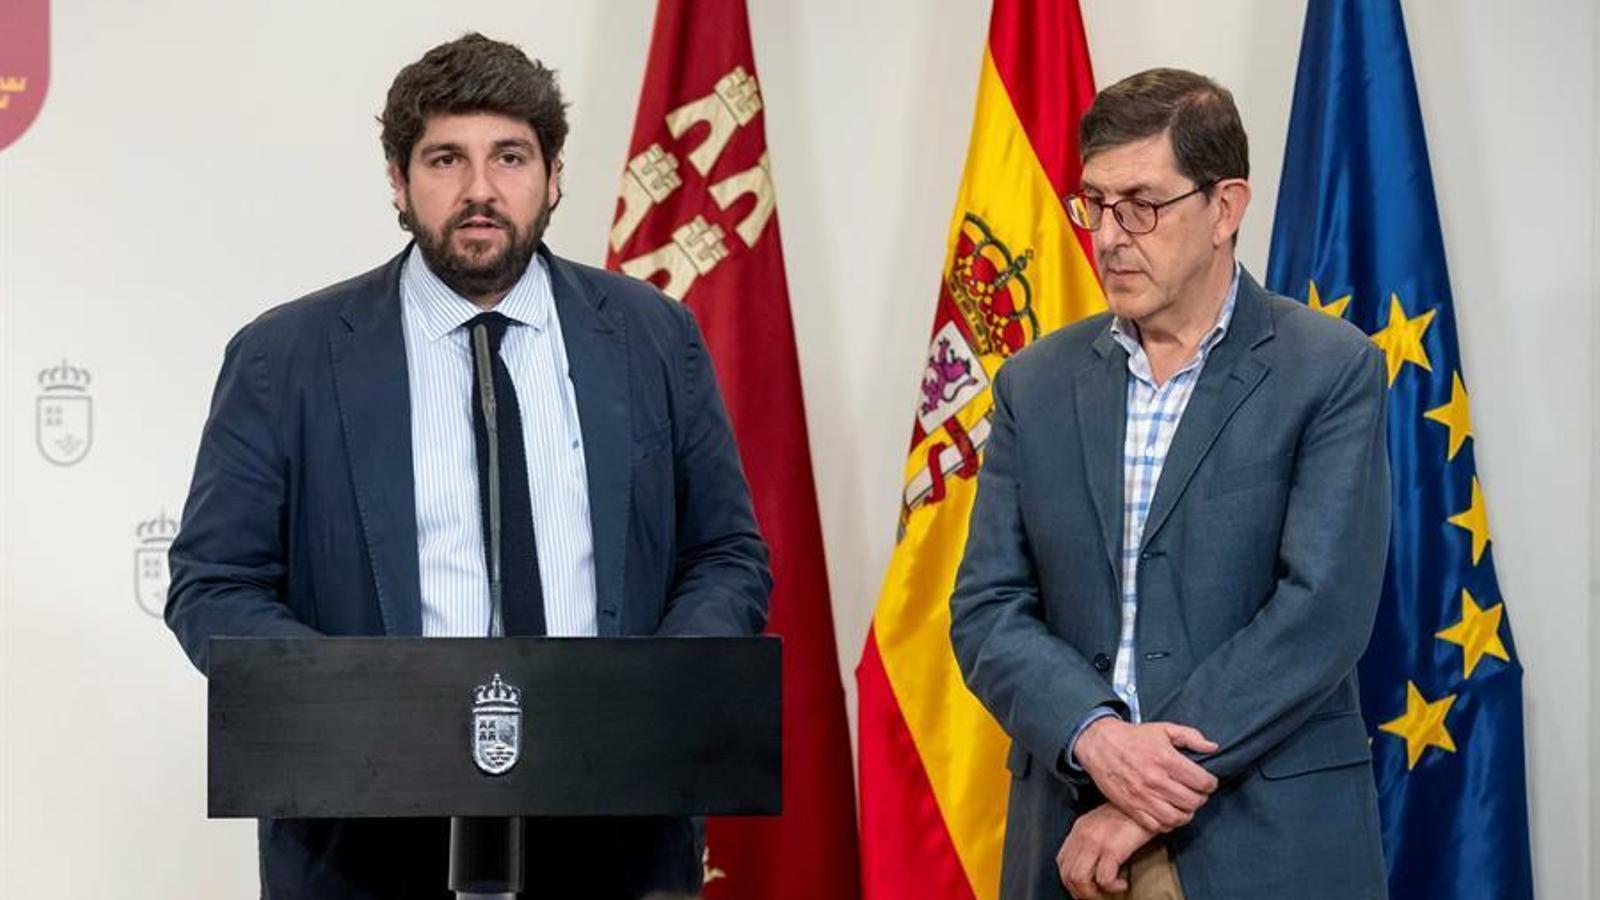 El president de Múrcia, Fernando López Miras, i el conseller de Salut, Manuel Villegas, en una imatge d'arxiu